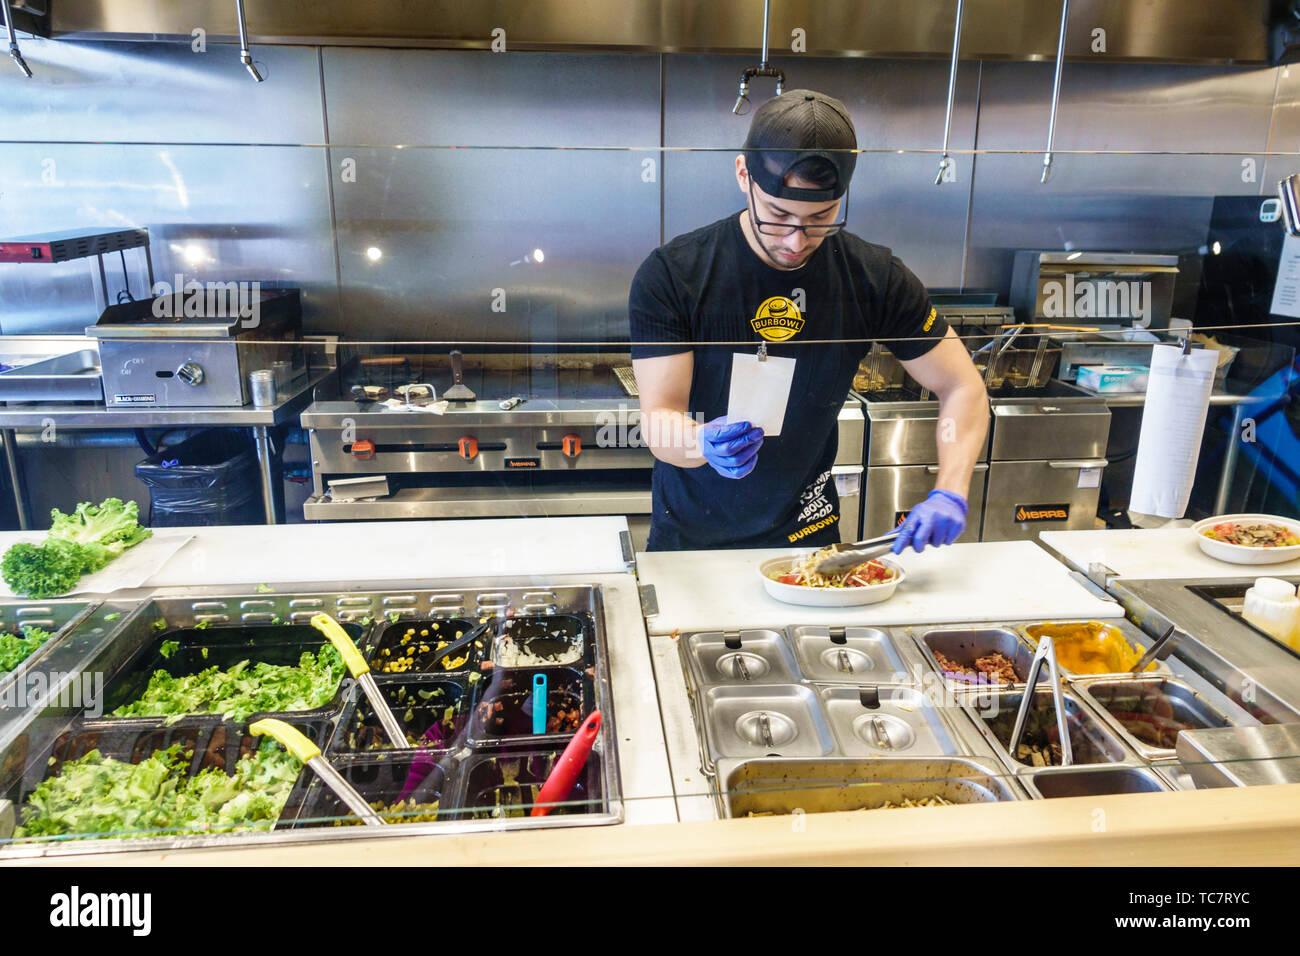 BurBowl Doral Miami Florida restaurant au sein du personnel de l'employé de la préparation des aliments hispaniques travailleur homme salade ordre station bien à usage unique hygiène sécurité glo Photo Stock